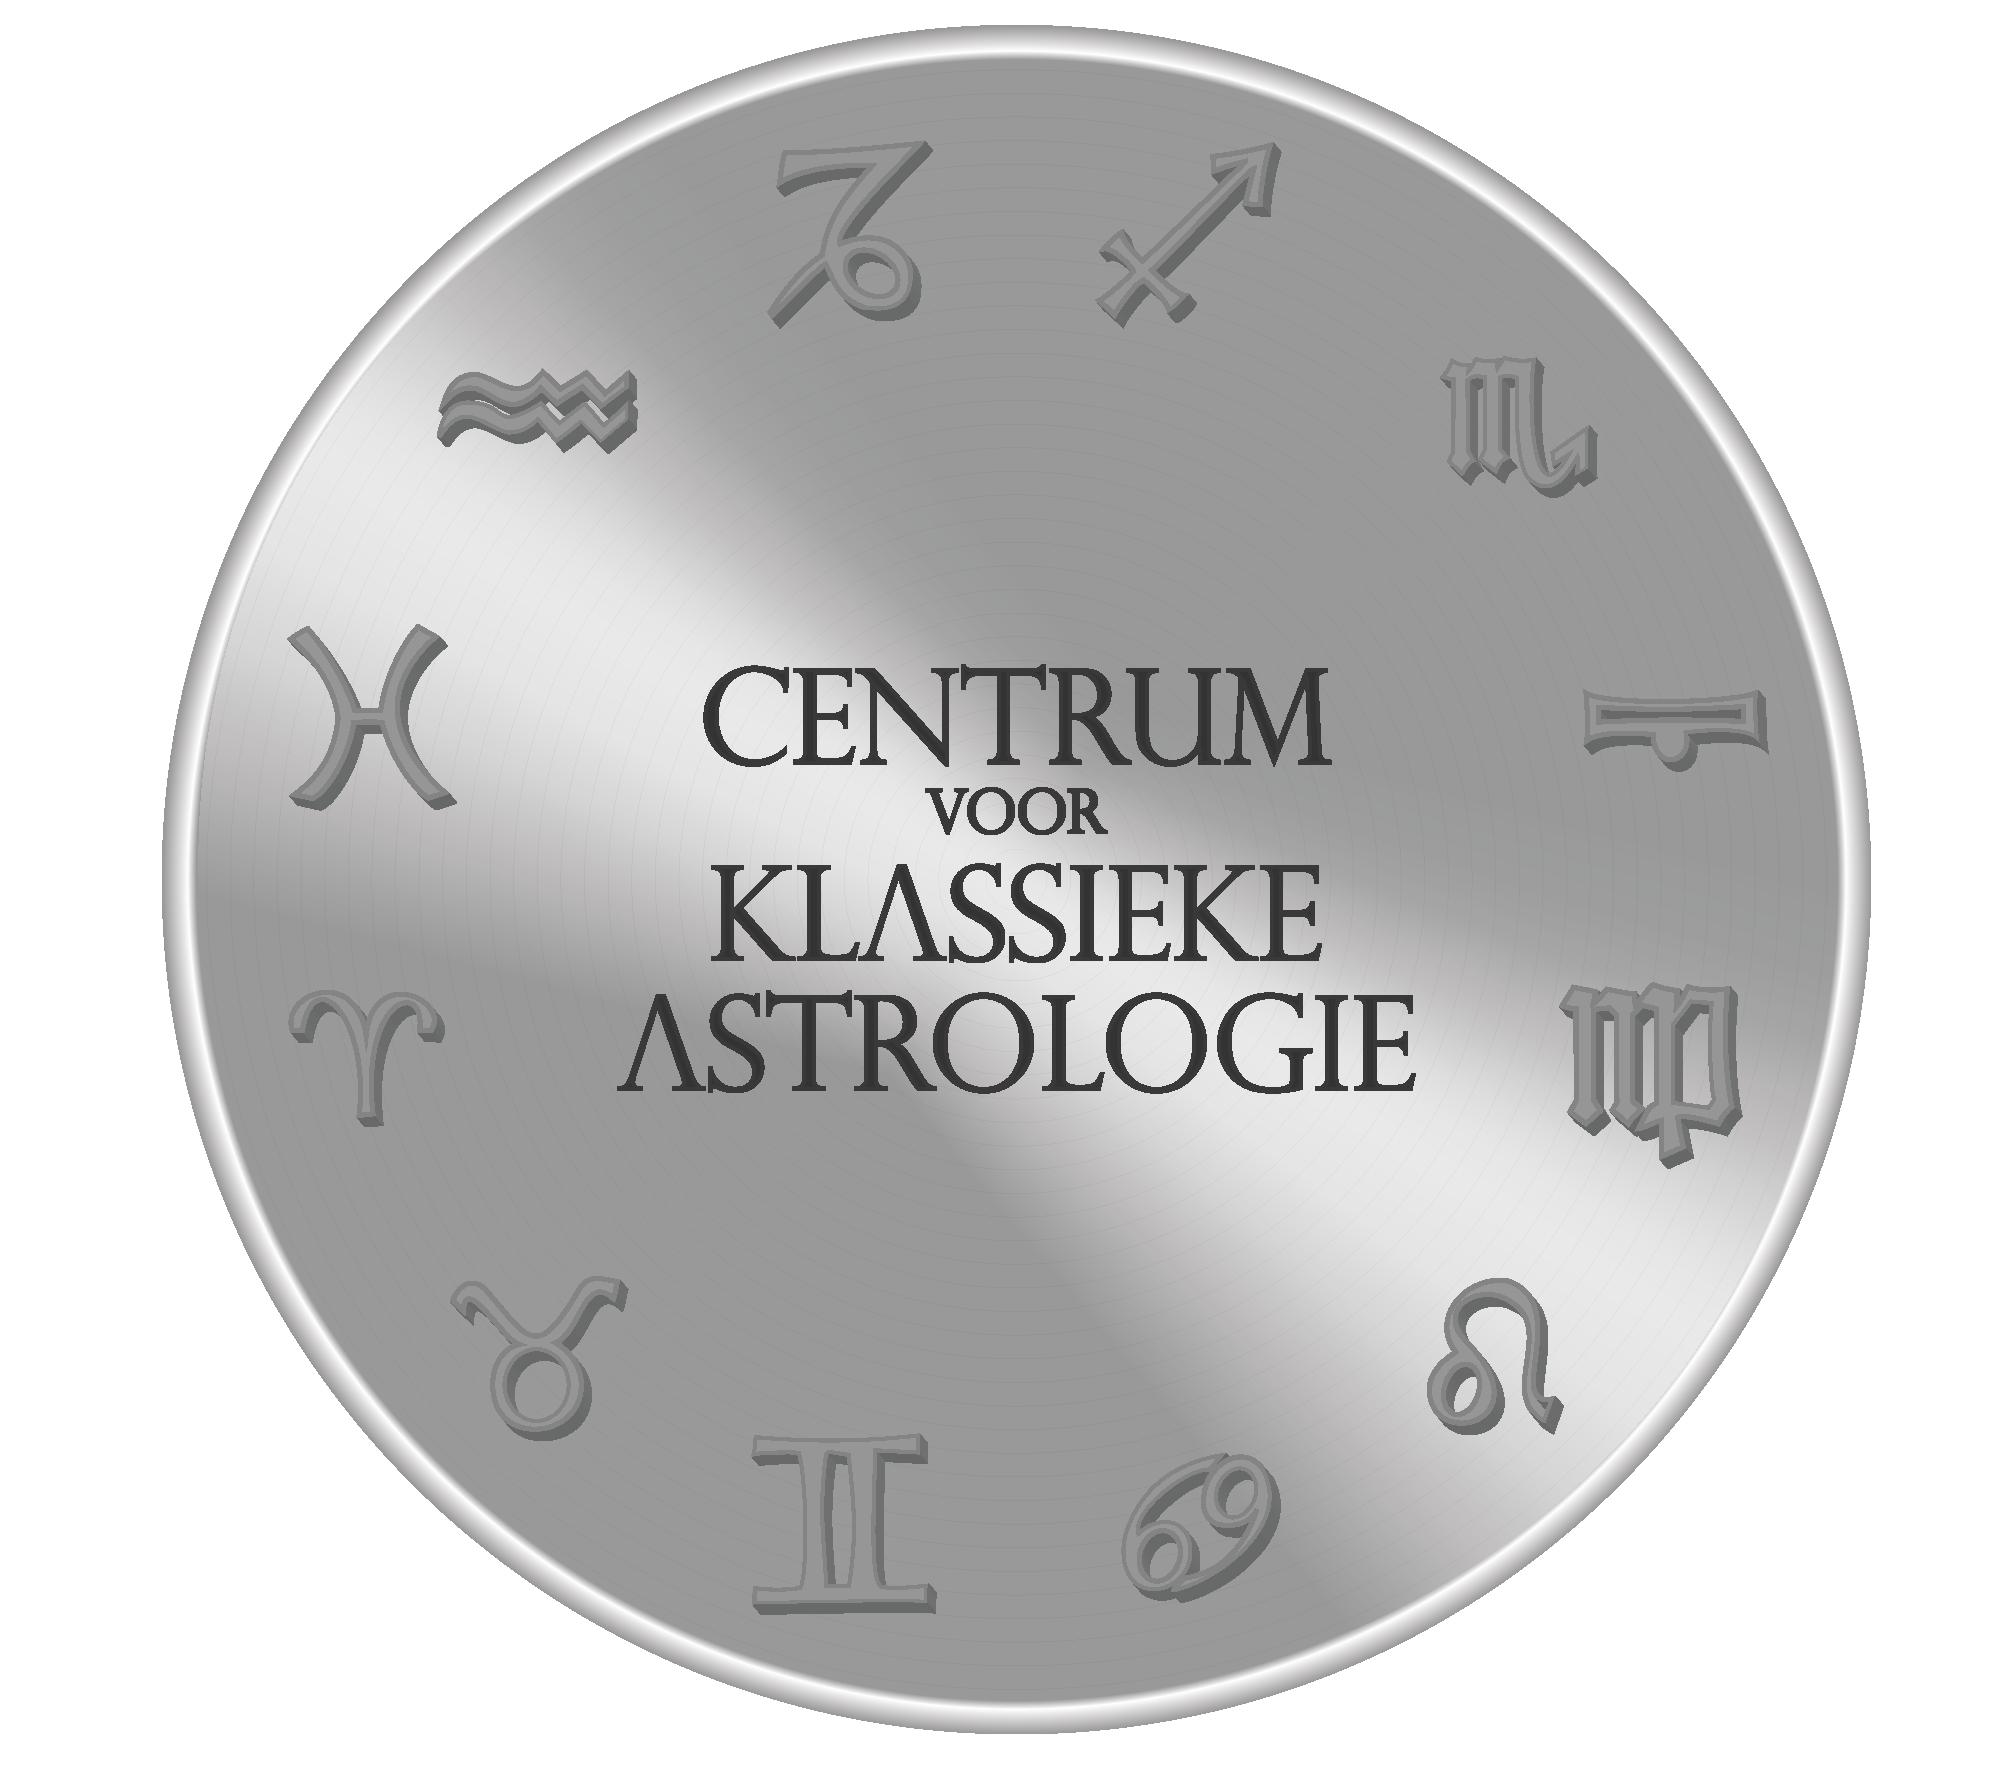 Centrum voor klassieke astrologie